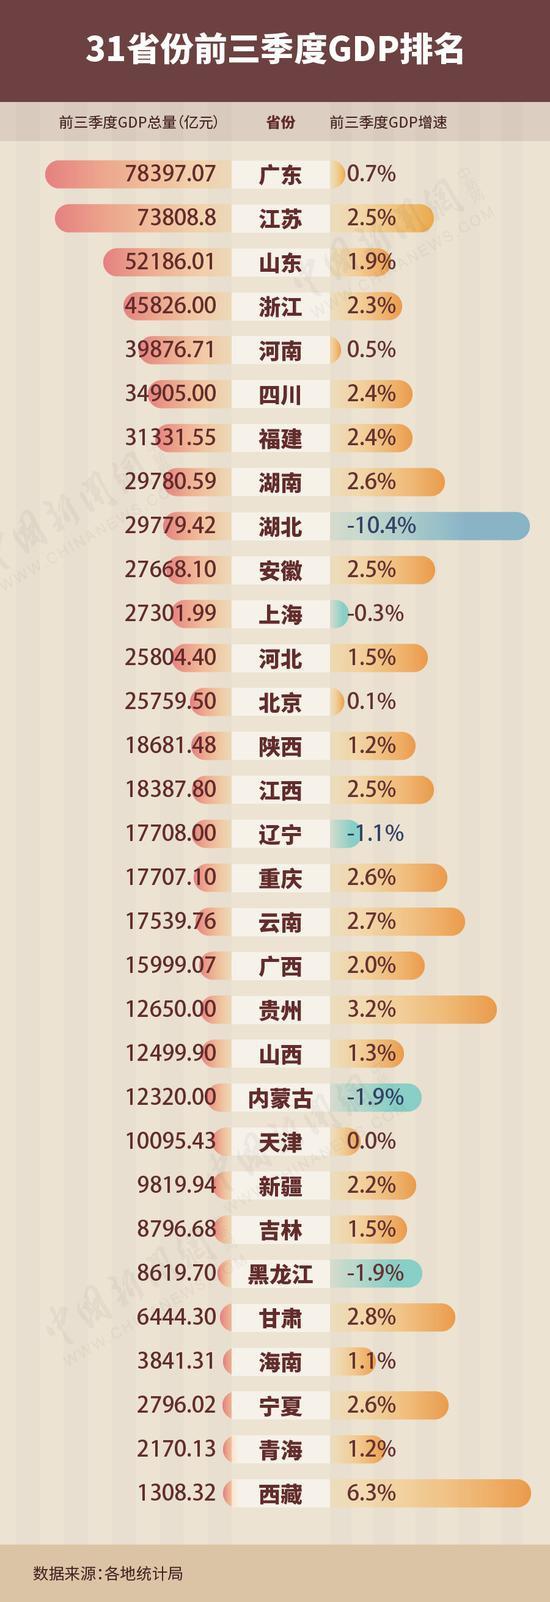 31省份前三季度GDP。制图:魏雷超